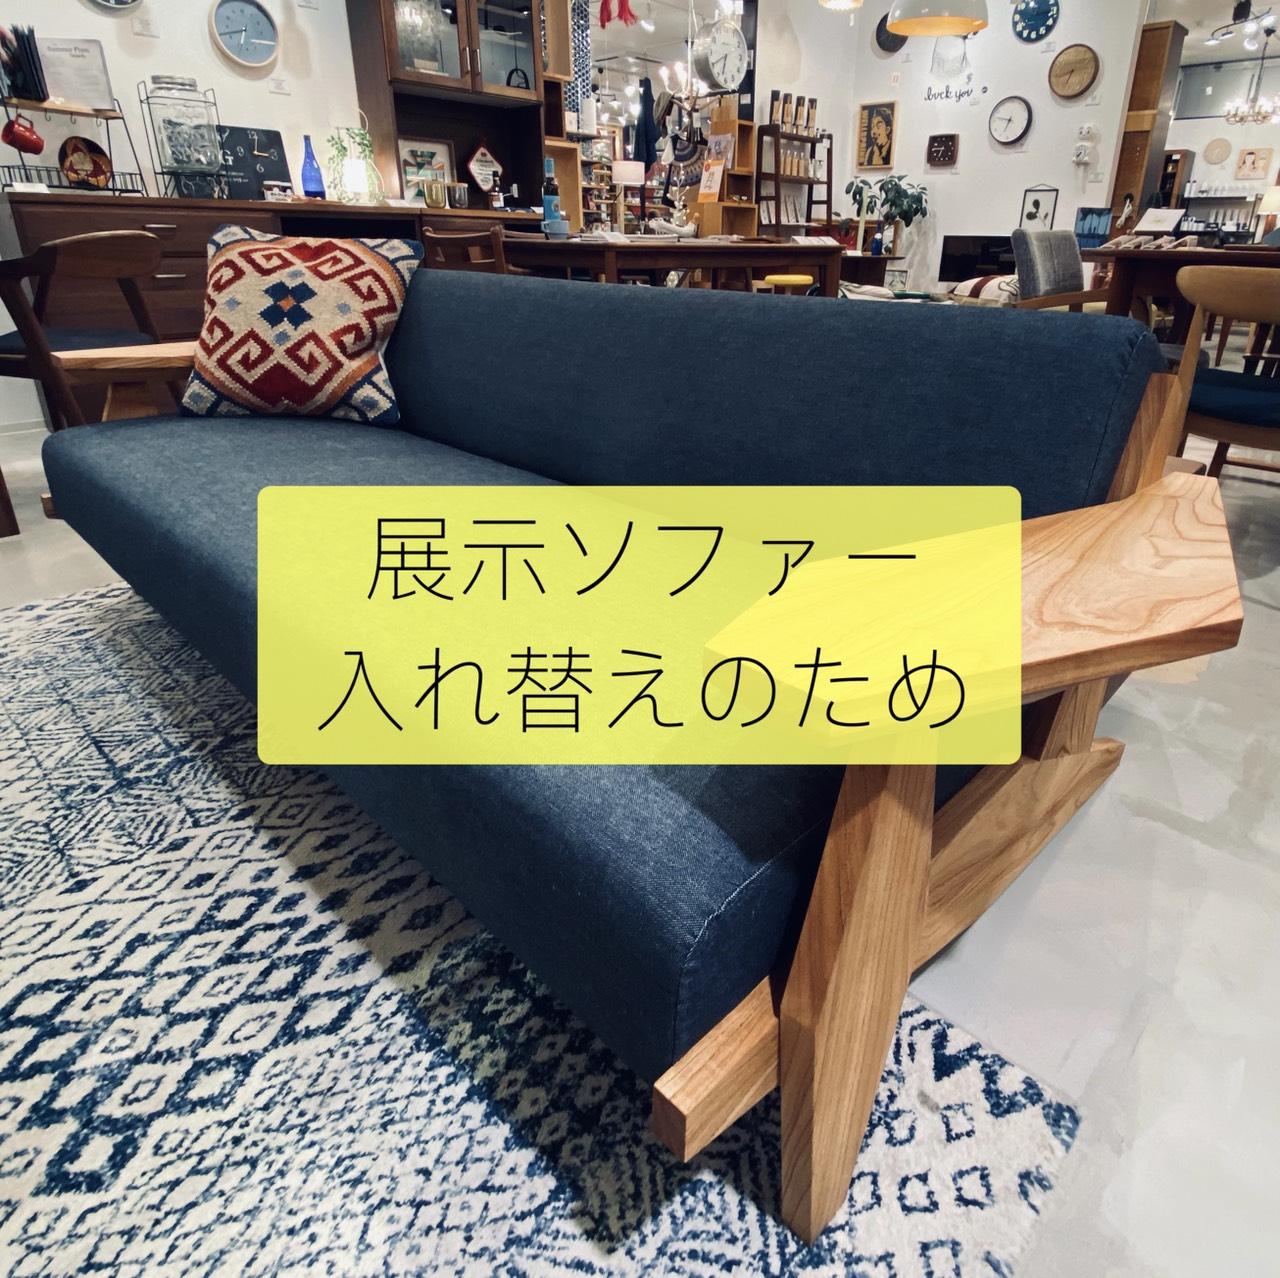 【アウトレット情報】春に向けて家具を特別価格にいたします!